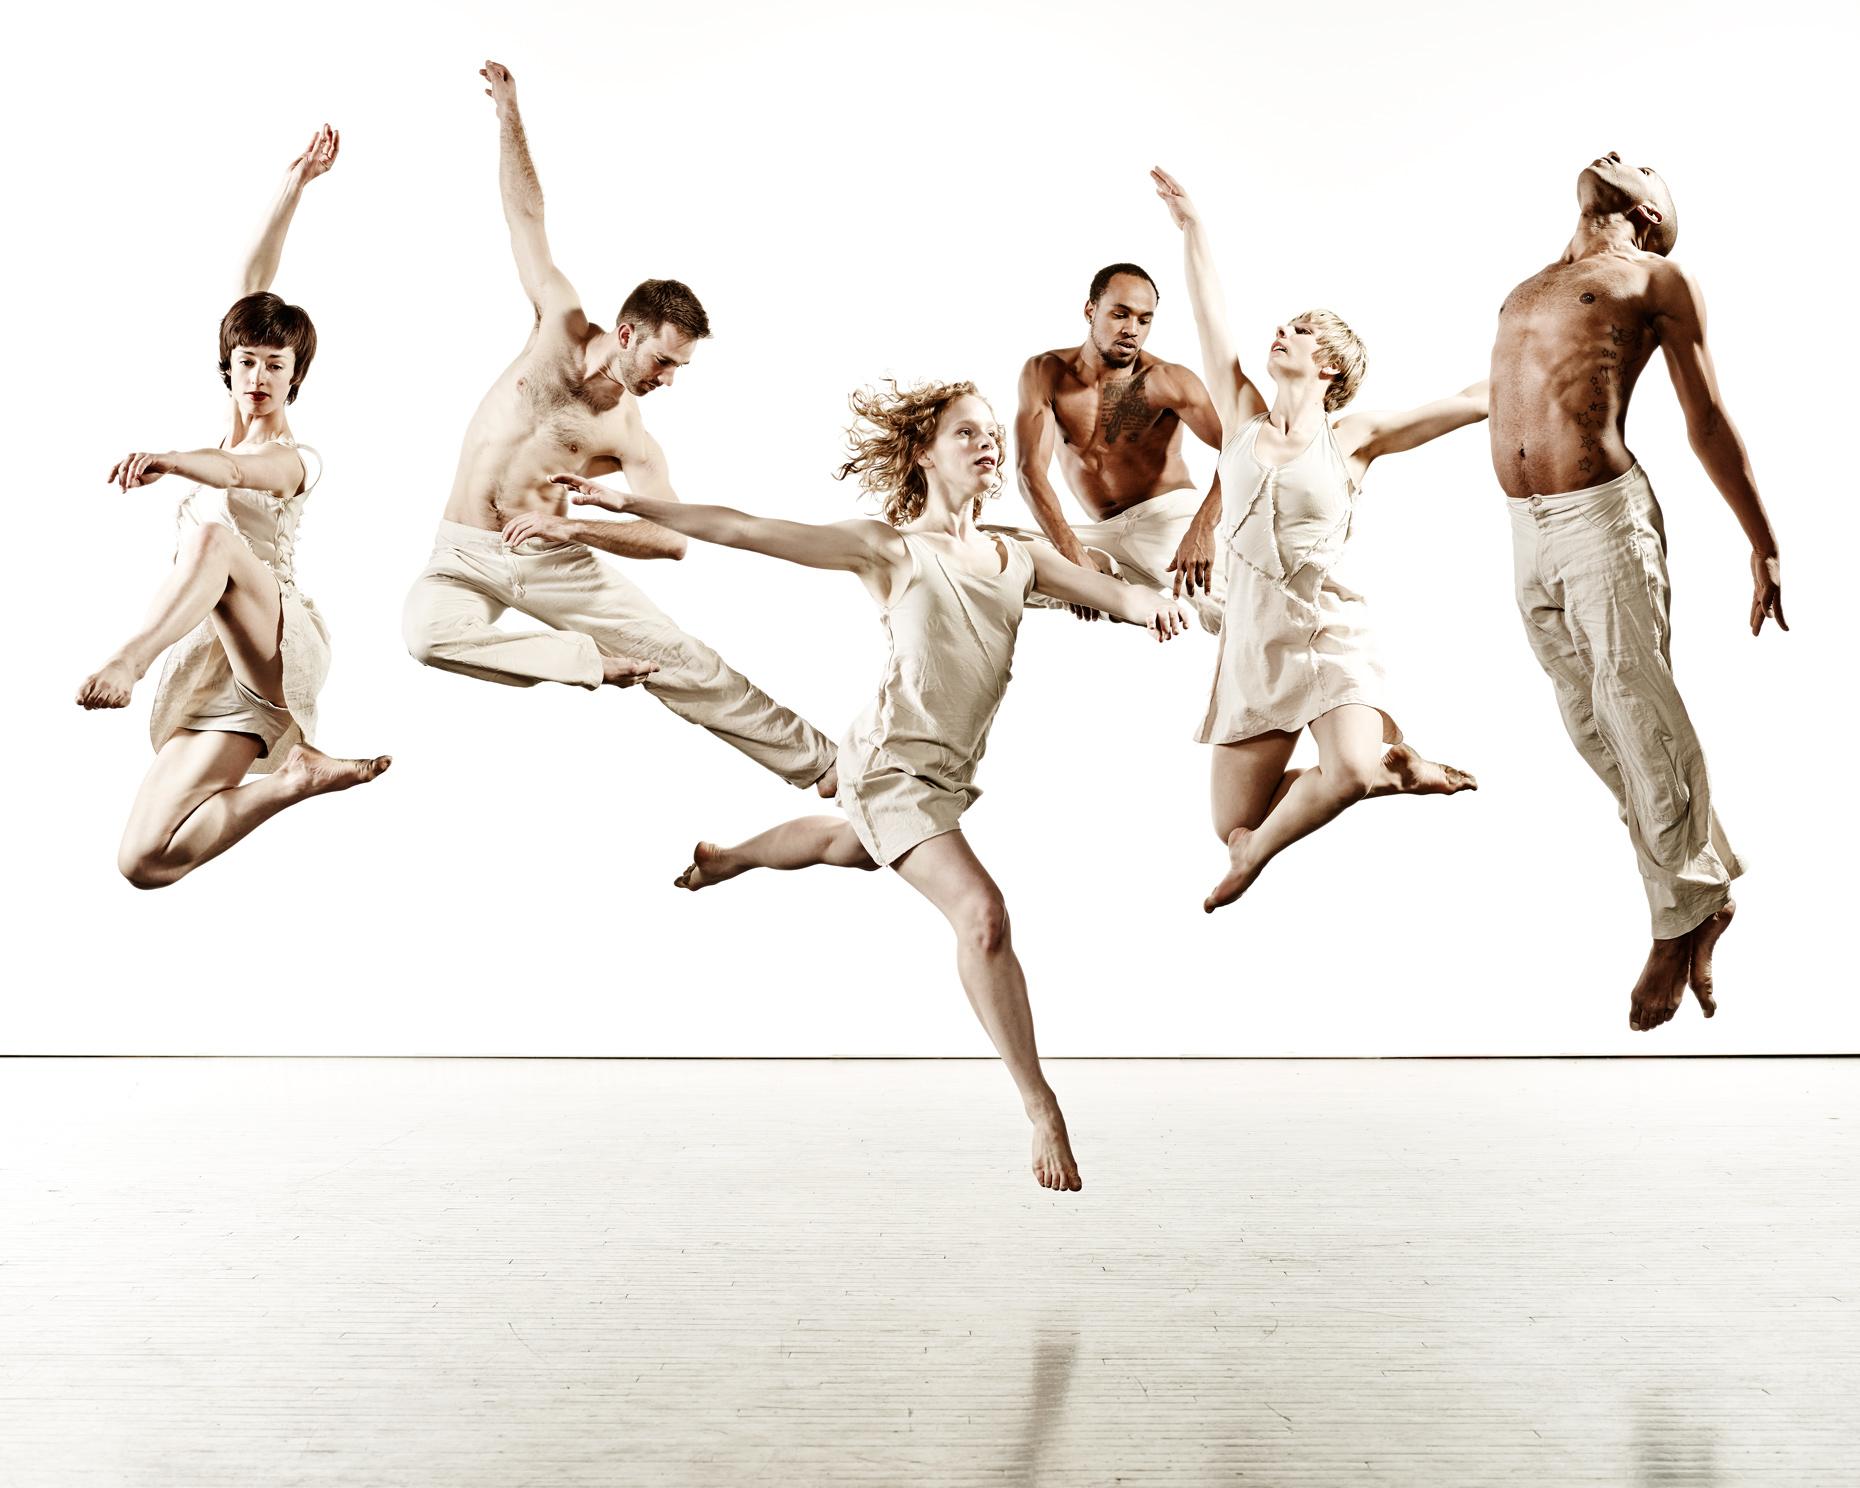 Ririe-Woodbury Derek Israelsen 010 Dancers Jumping